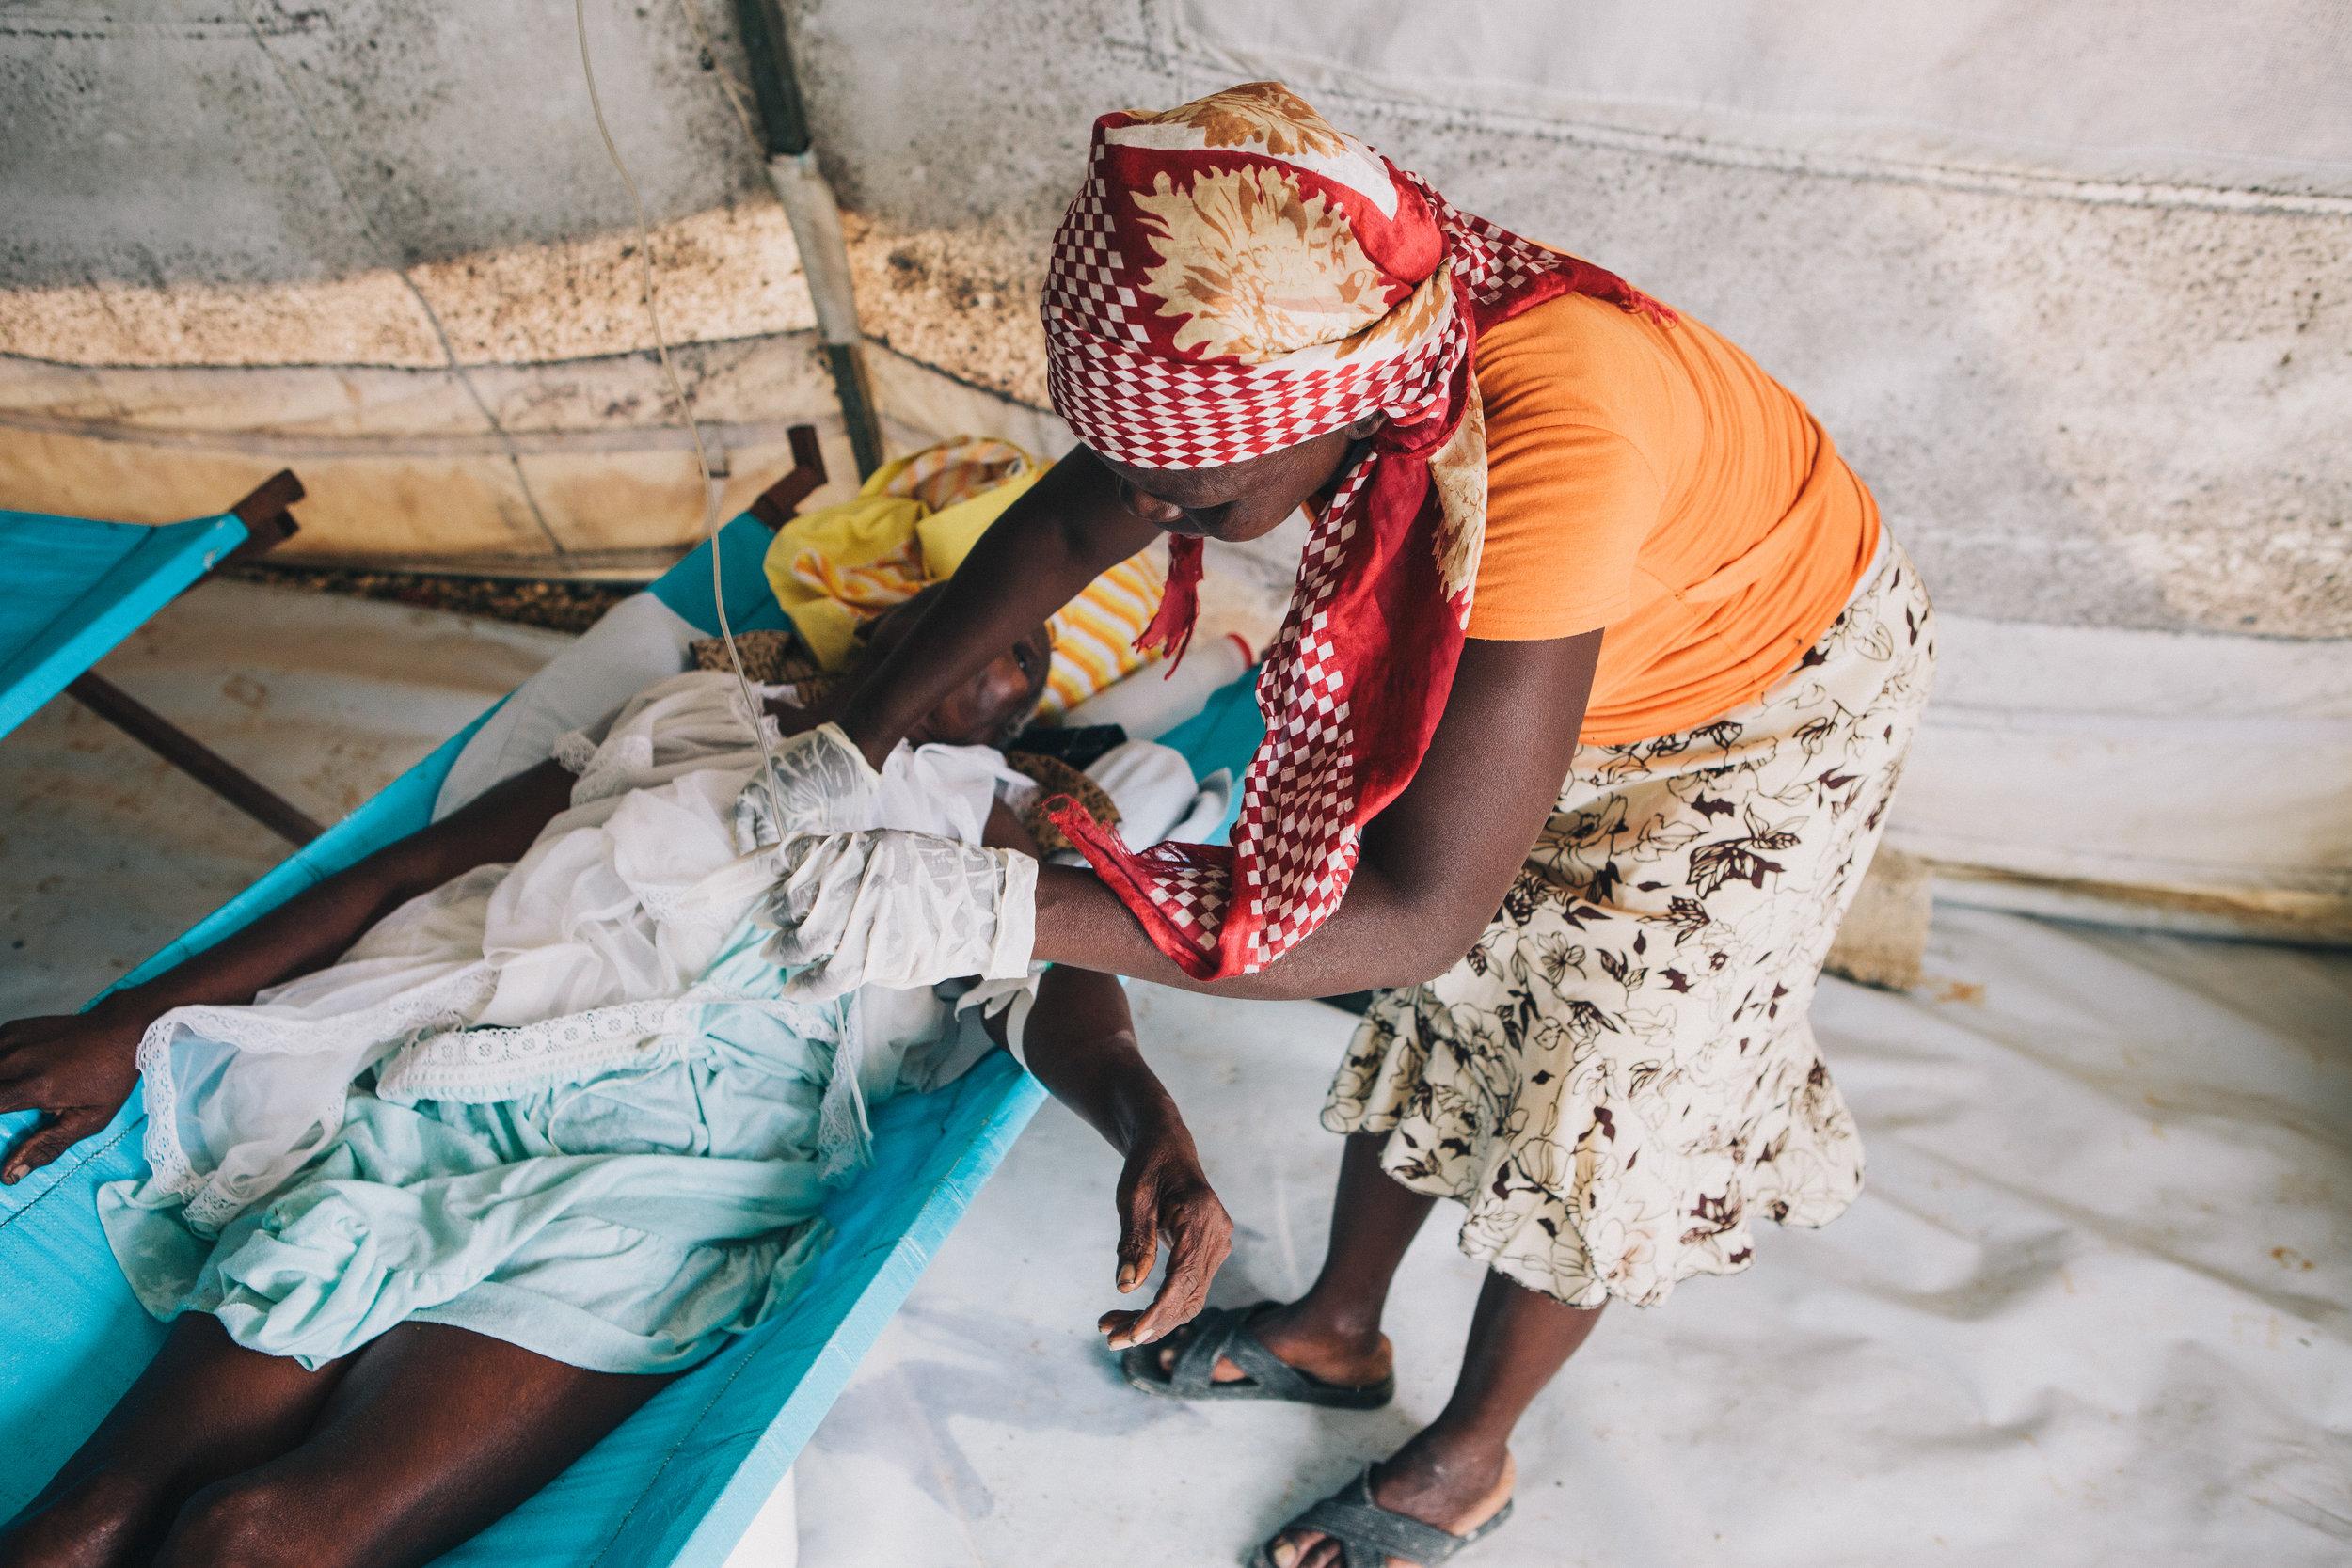 Haiti_Cholera_Healing_Art_Missions_005.jpg